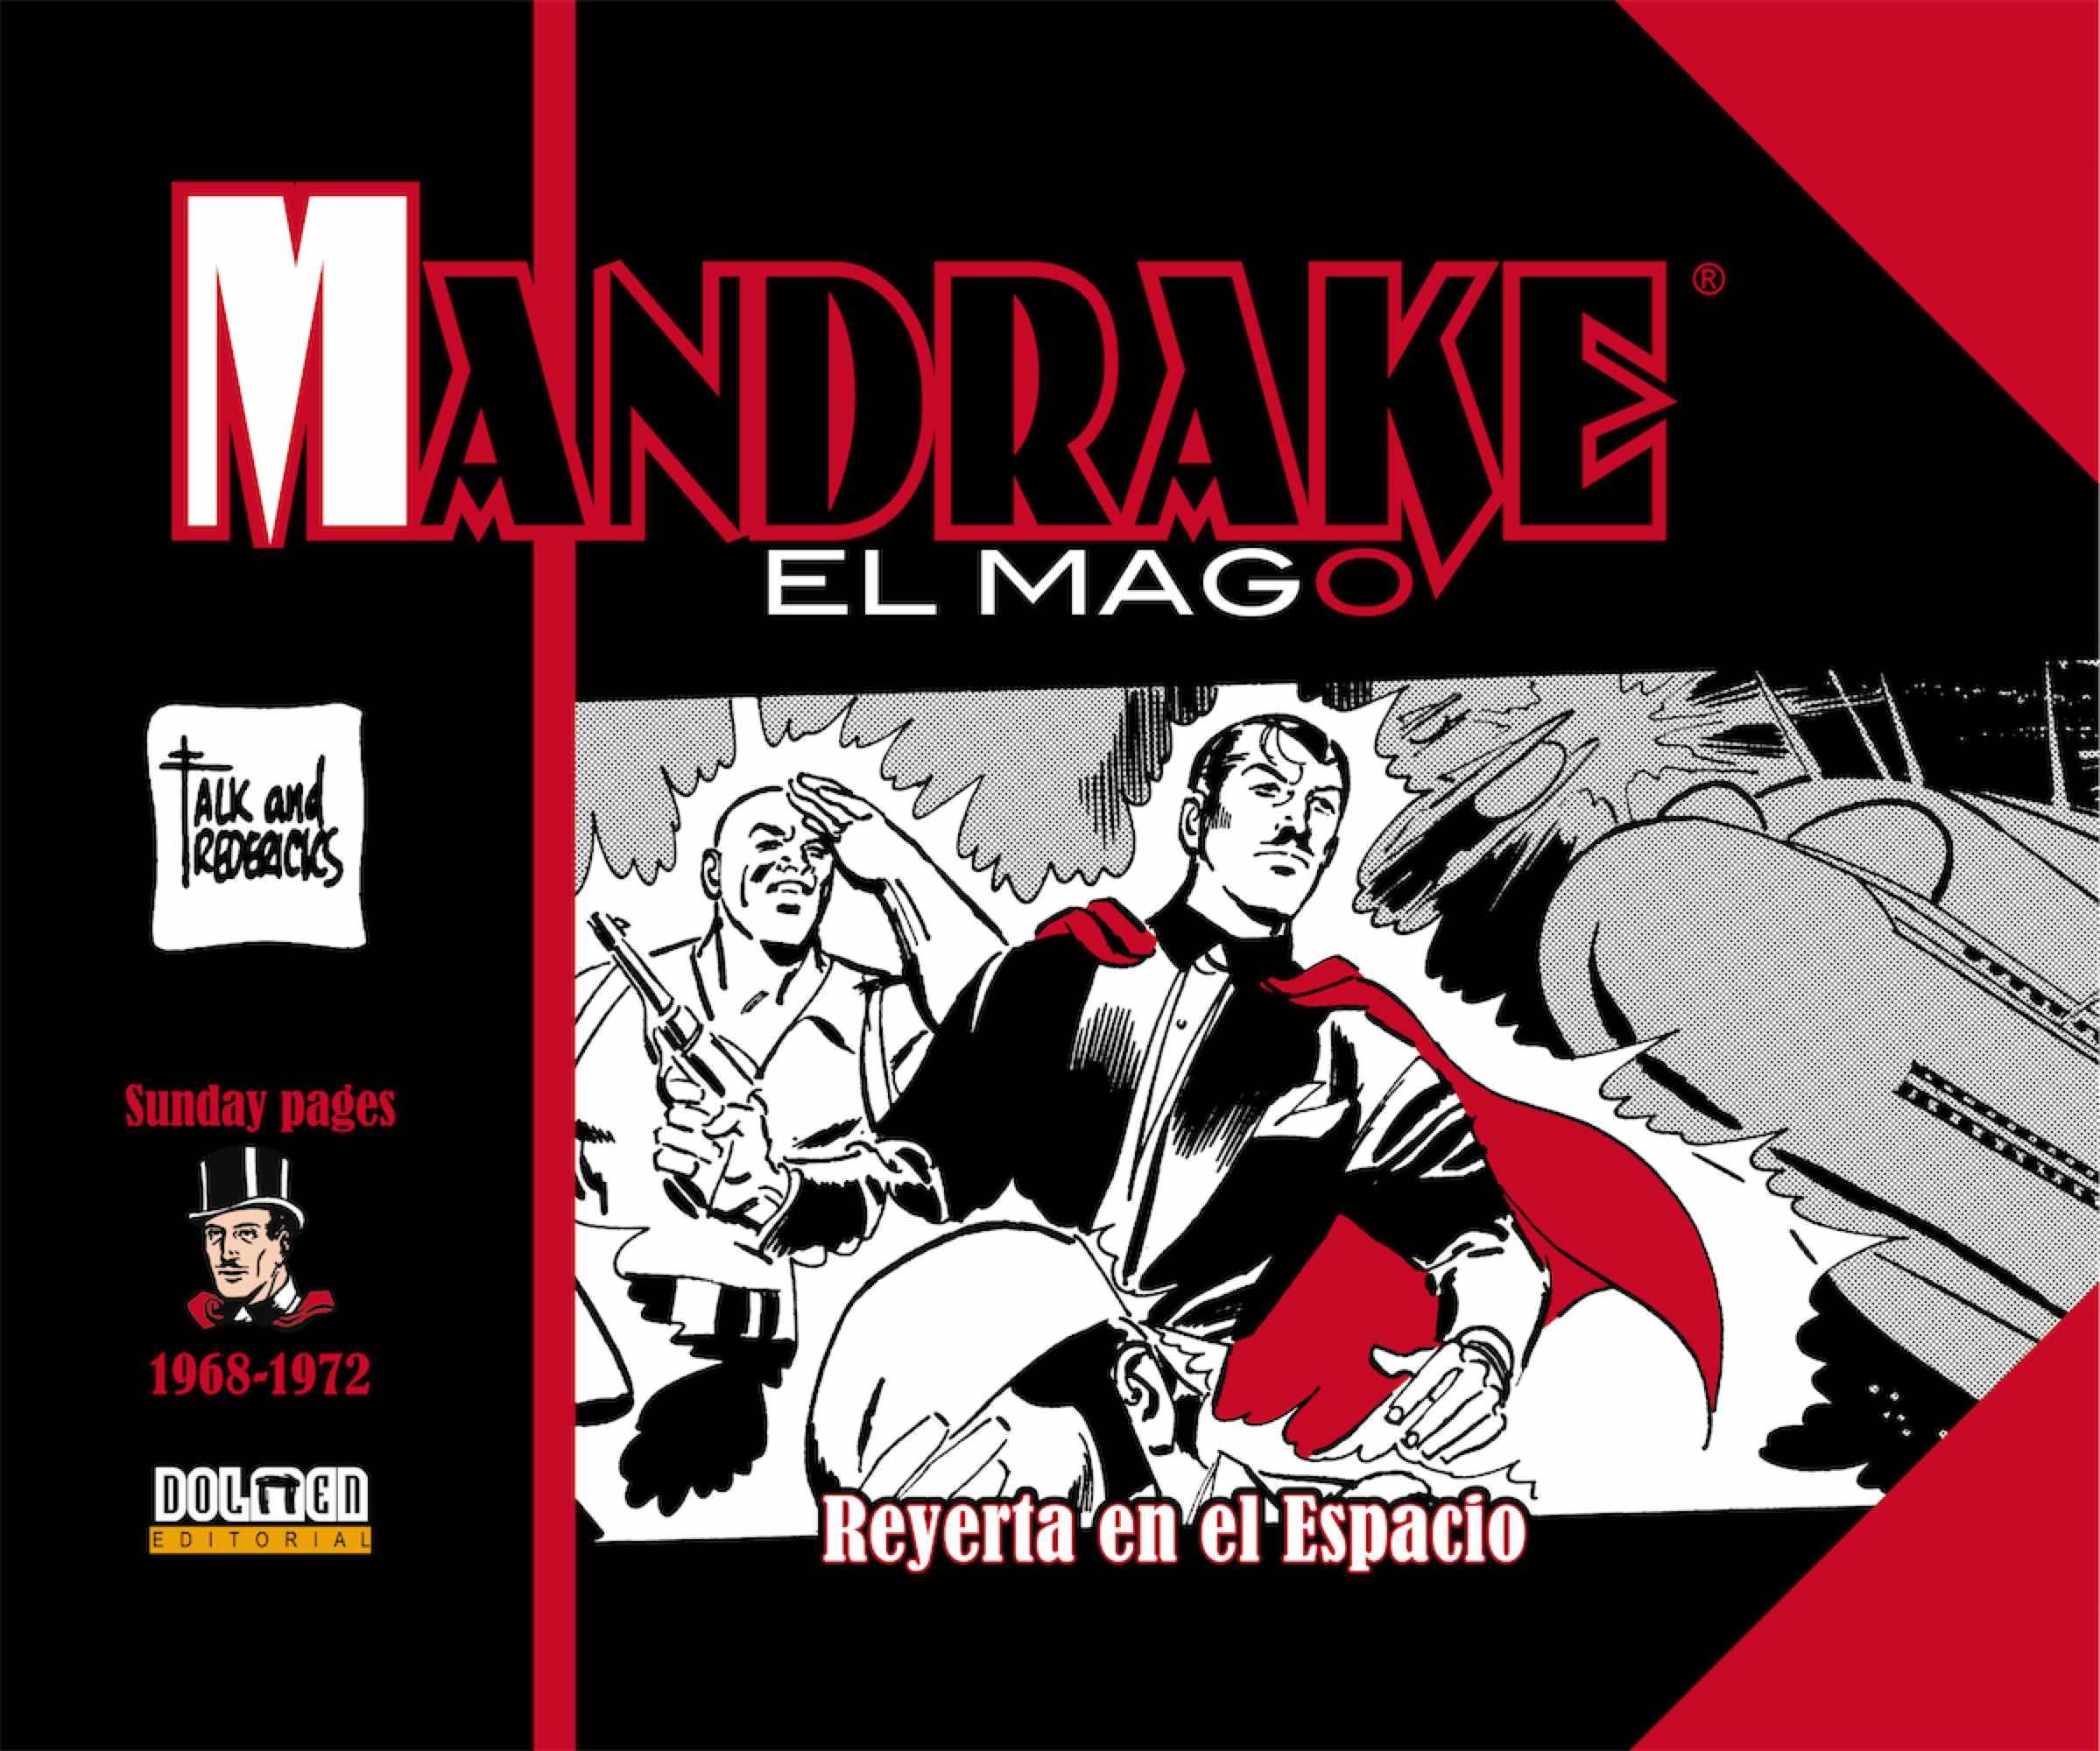 MANDRAKE EL MAGO 1968-1972